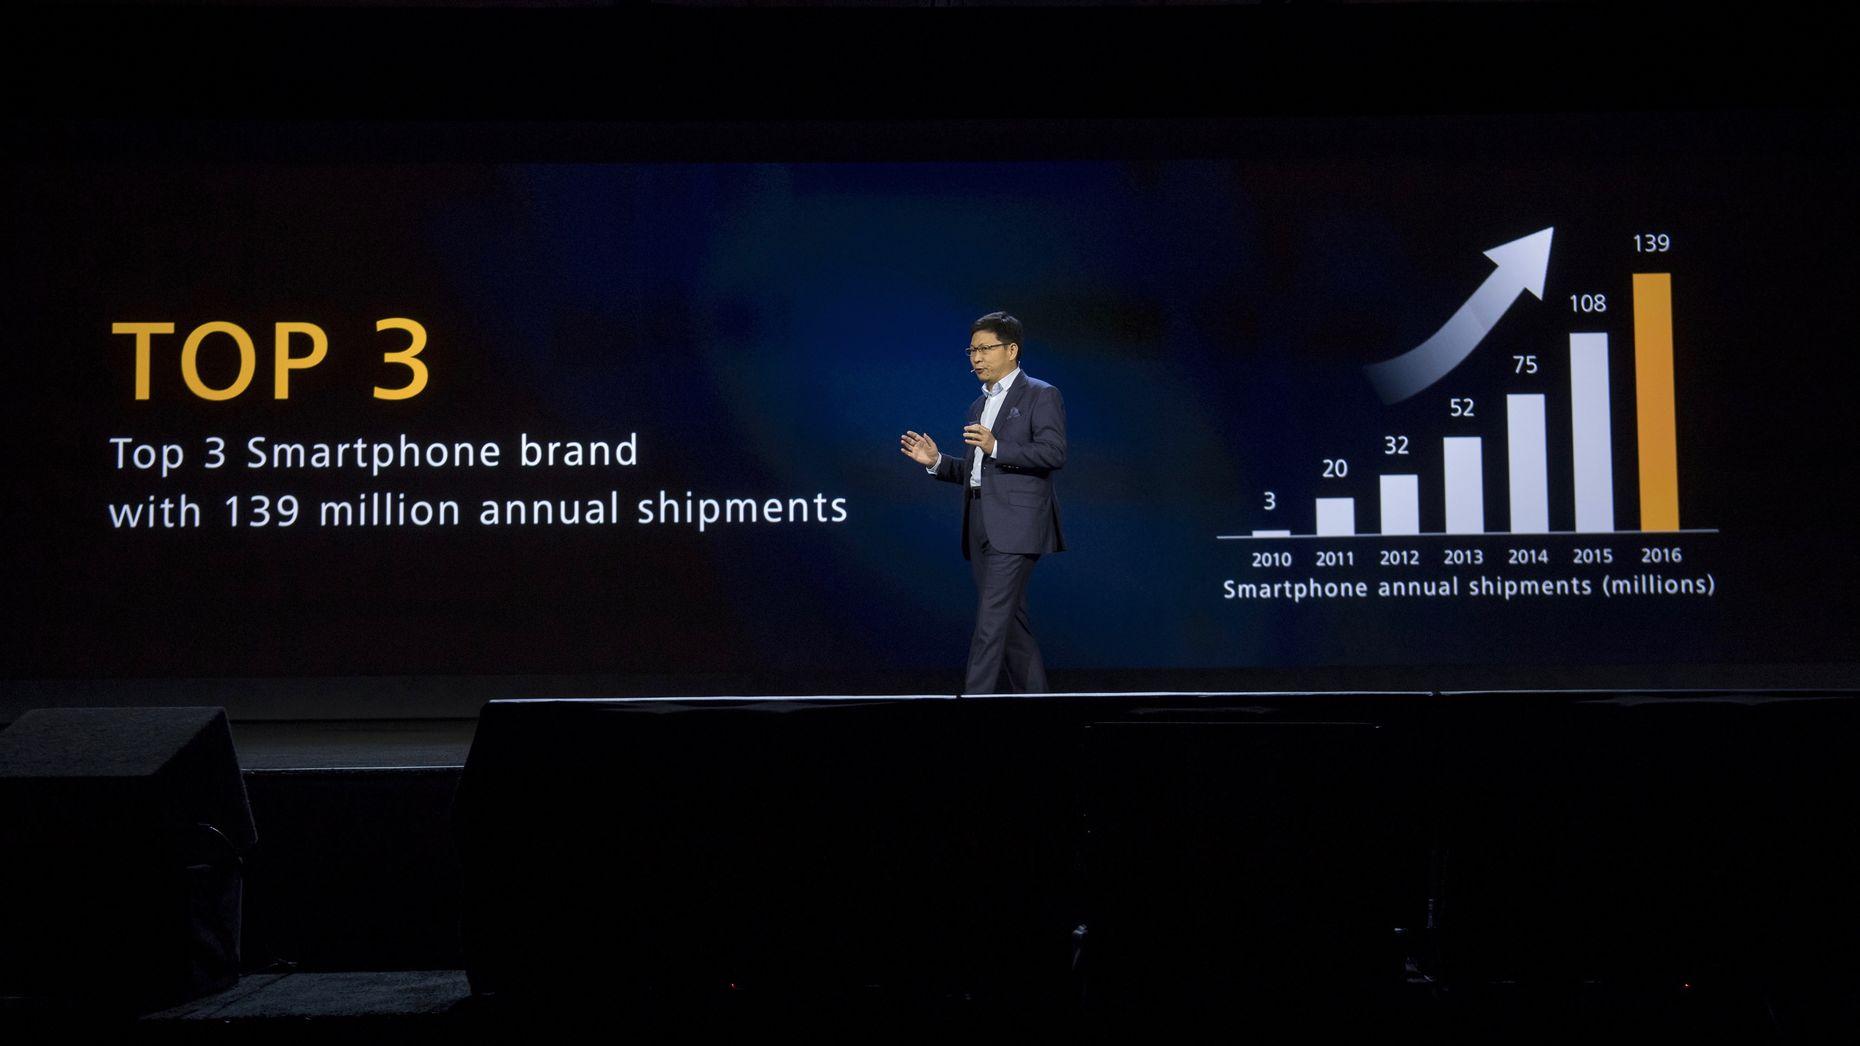 مبيعات هواوي من الهواتف الذكية